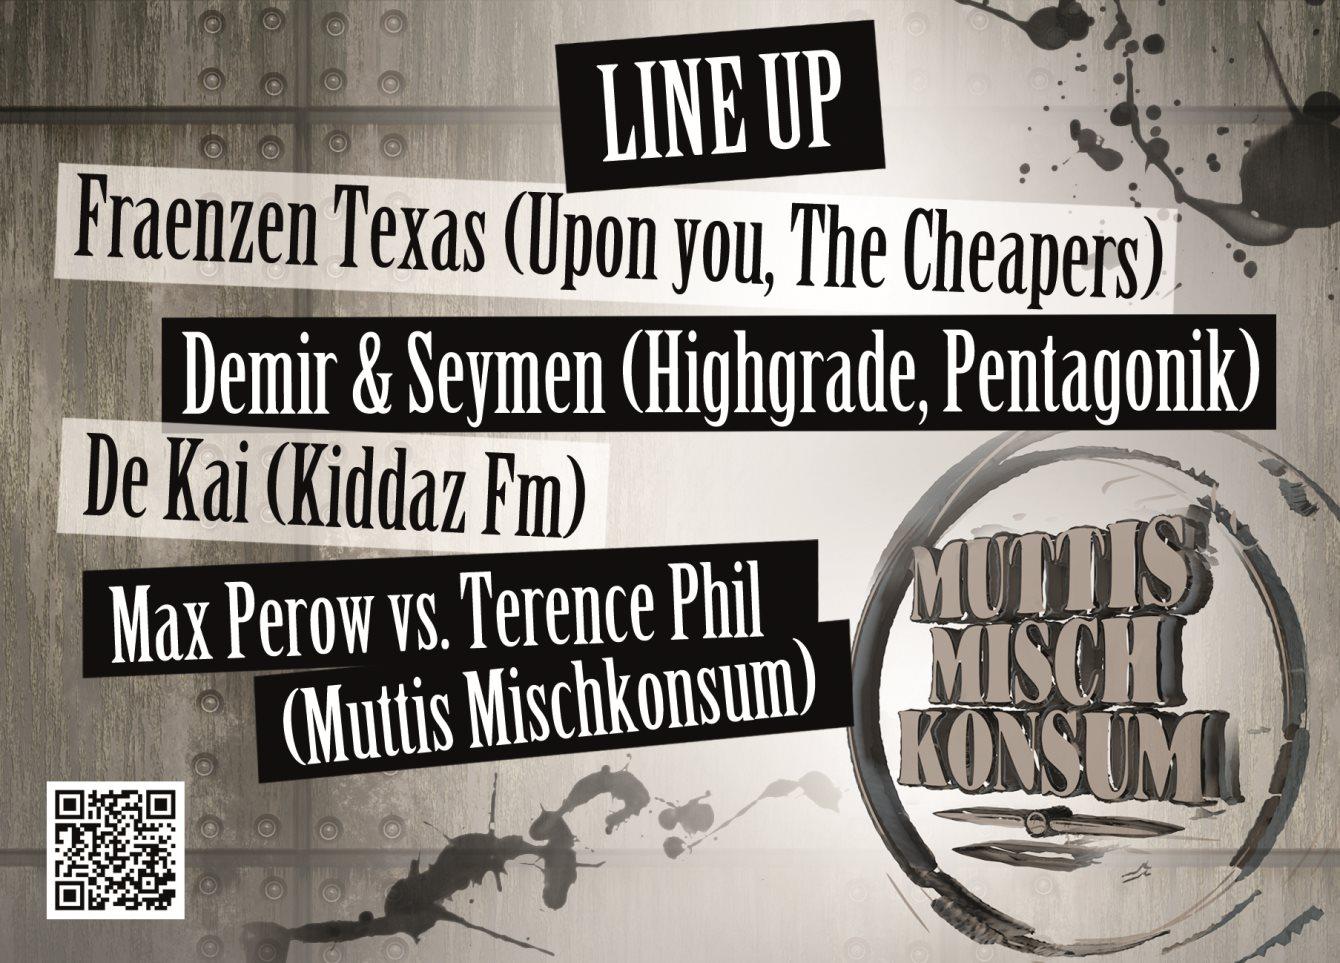 , Demir & Seymen, De Kai, Max Perow vs. Terence Phil at Arena Club